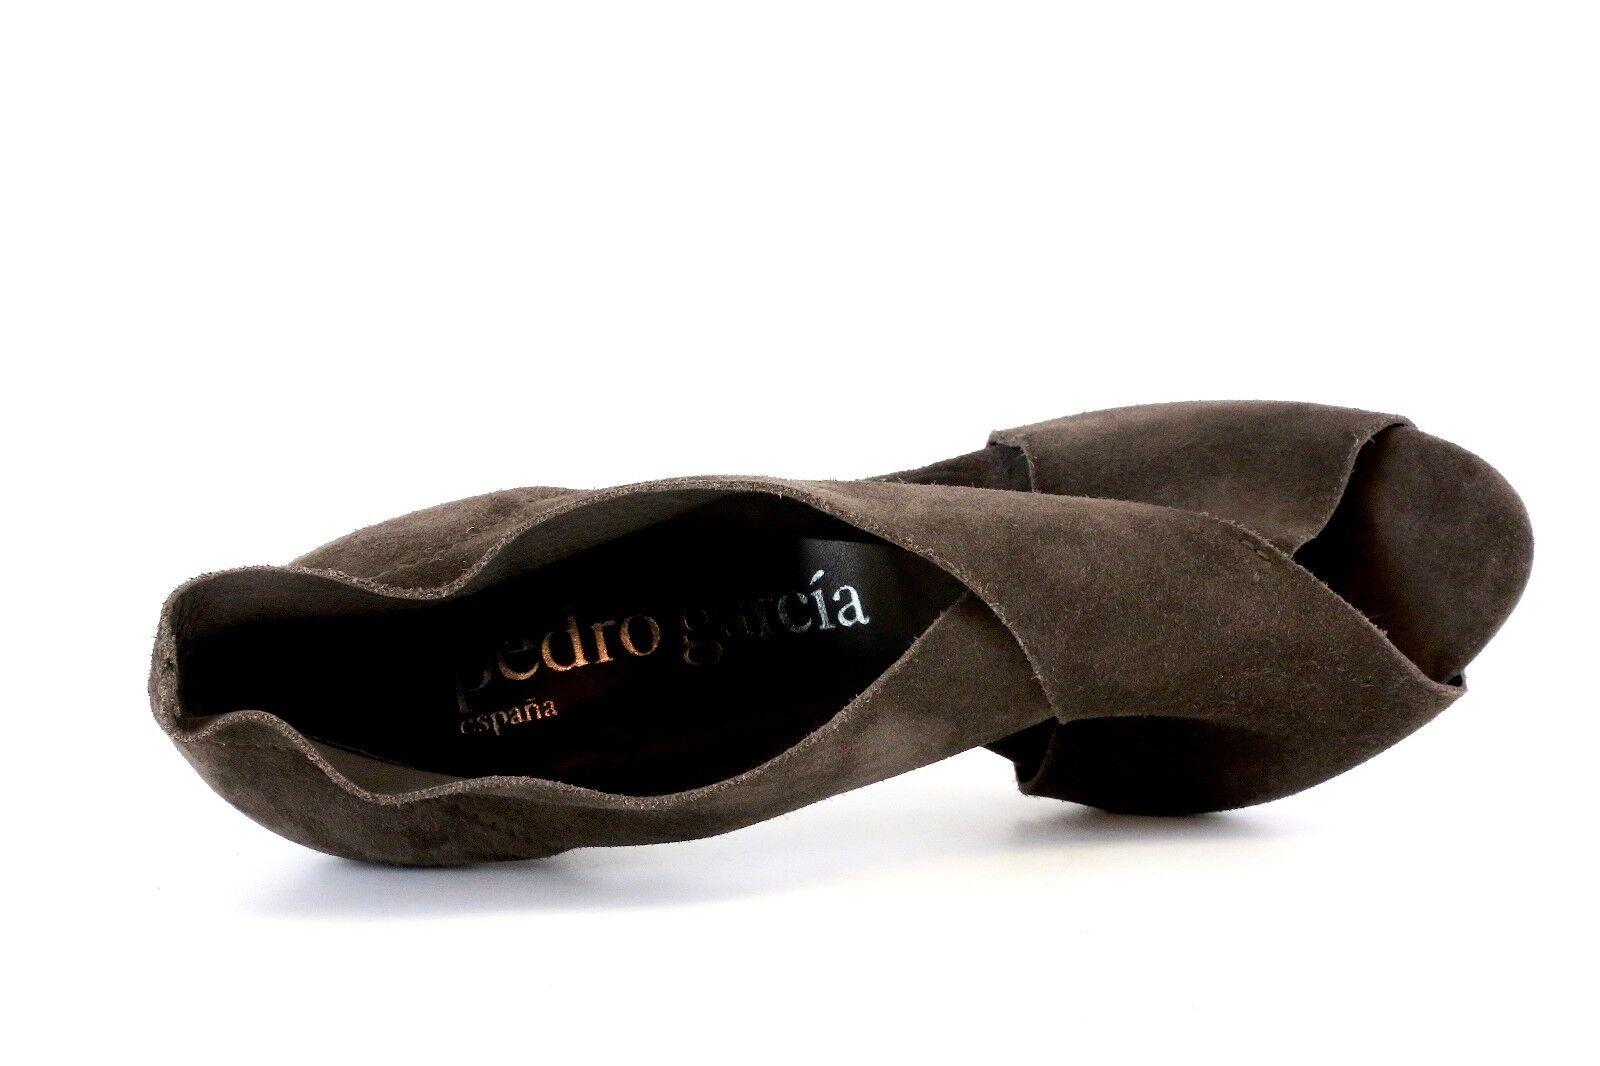 Pedro Garcia Women's Brown Brown Brown Suede Peep Toe Heels 2405 Size 39.5 9b2c7f